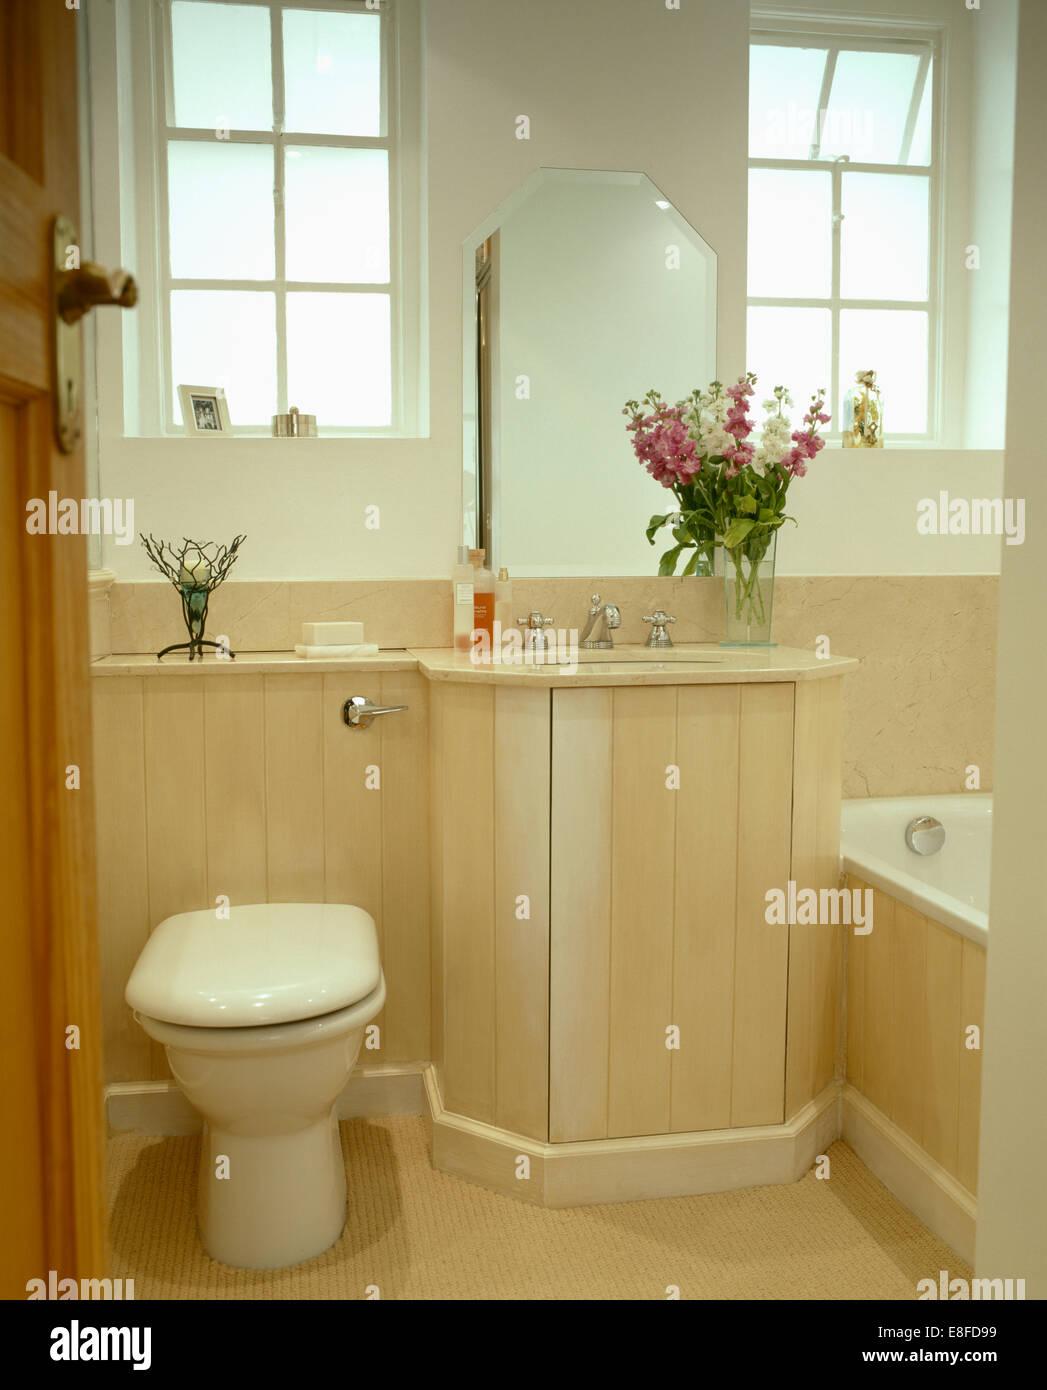 El moderno baño Wc junto a cuenca en tocador con madera pálida lengua+groove panelado Imagen De Stock